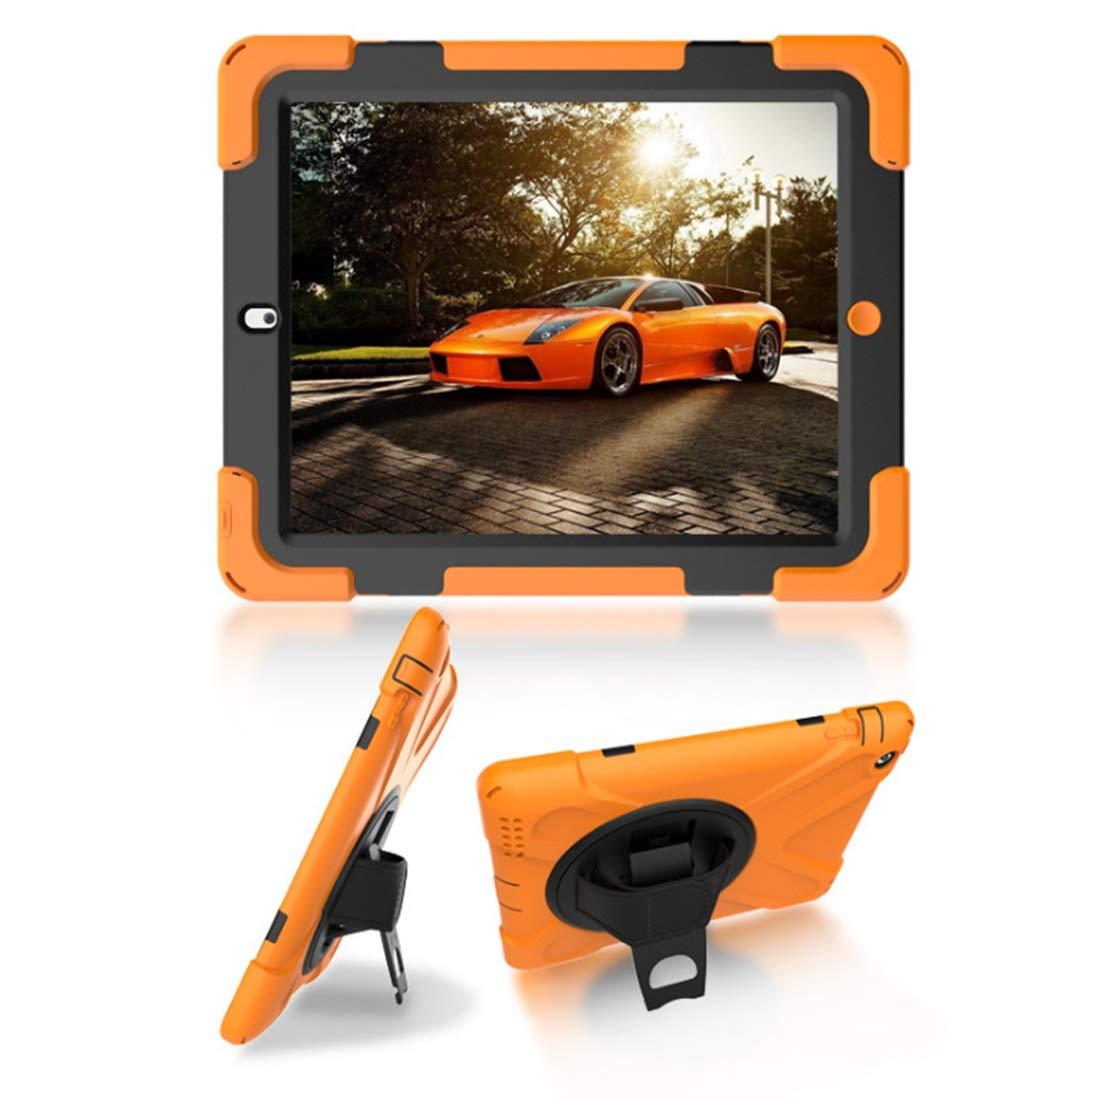 新入荷 KRPENRIO mini4) 高耐久 フルボディ 頑丈 保護ケース 頑丈 内蔵スクリーンプロテクター& 2層デザイン Apple iPad iPad 9.7インチ 2017/2018に対応 (カラー:オレンジ、サイズ:iPad mini4) B07L8C4M4F, CDMファイブポケッツ:f4e45a0f --- a0267596.xsph.ru